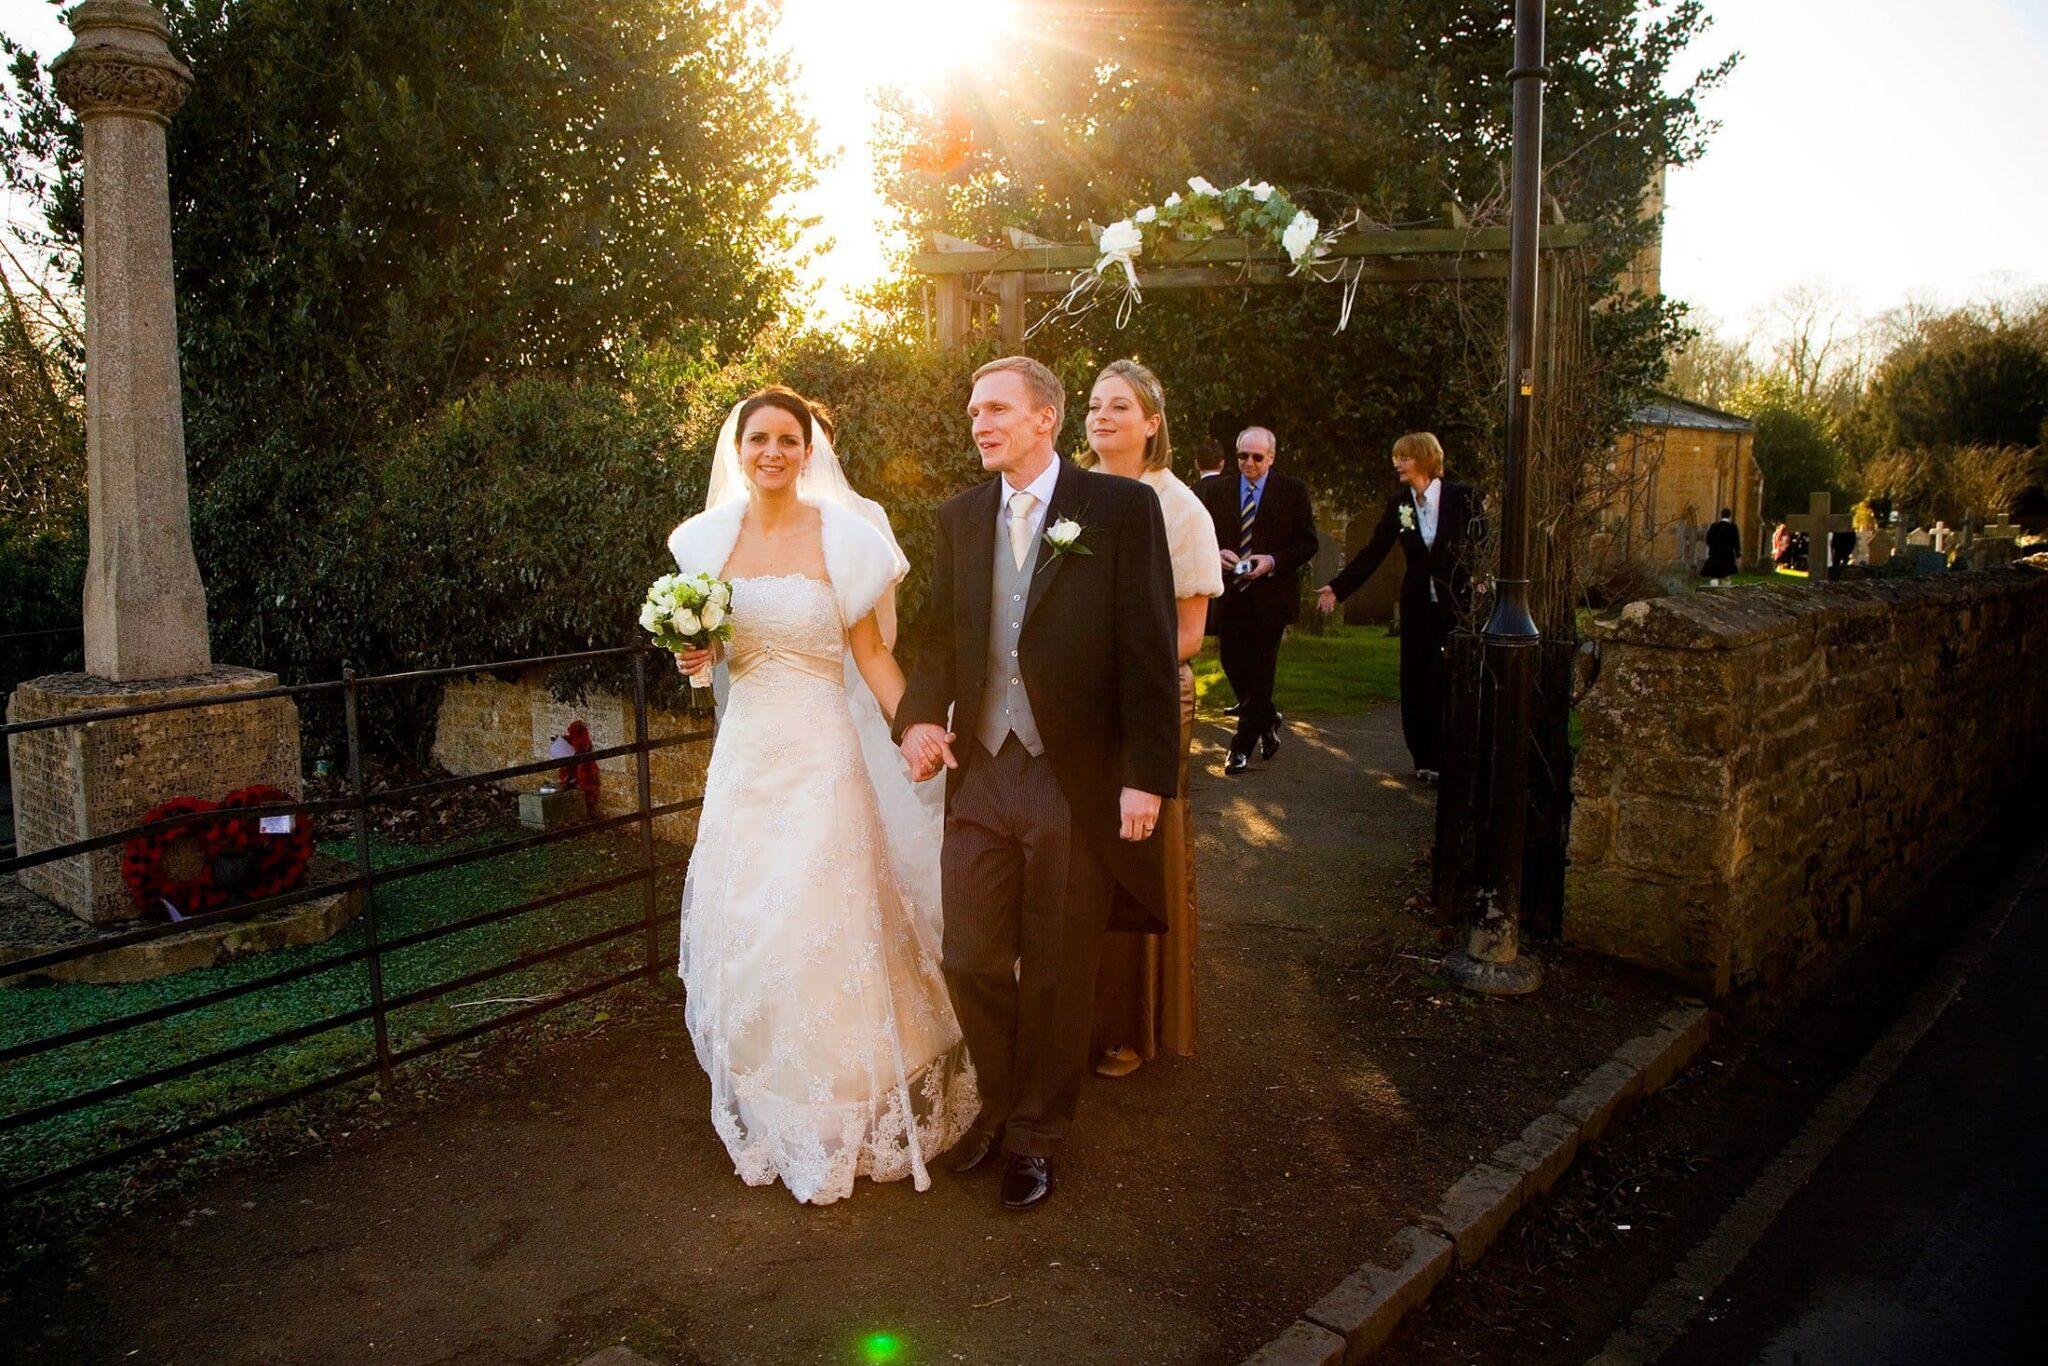 Rushton Hall wedding photos of Lisa & Ian